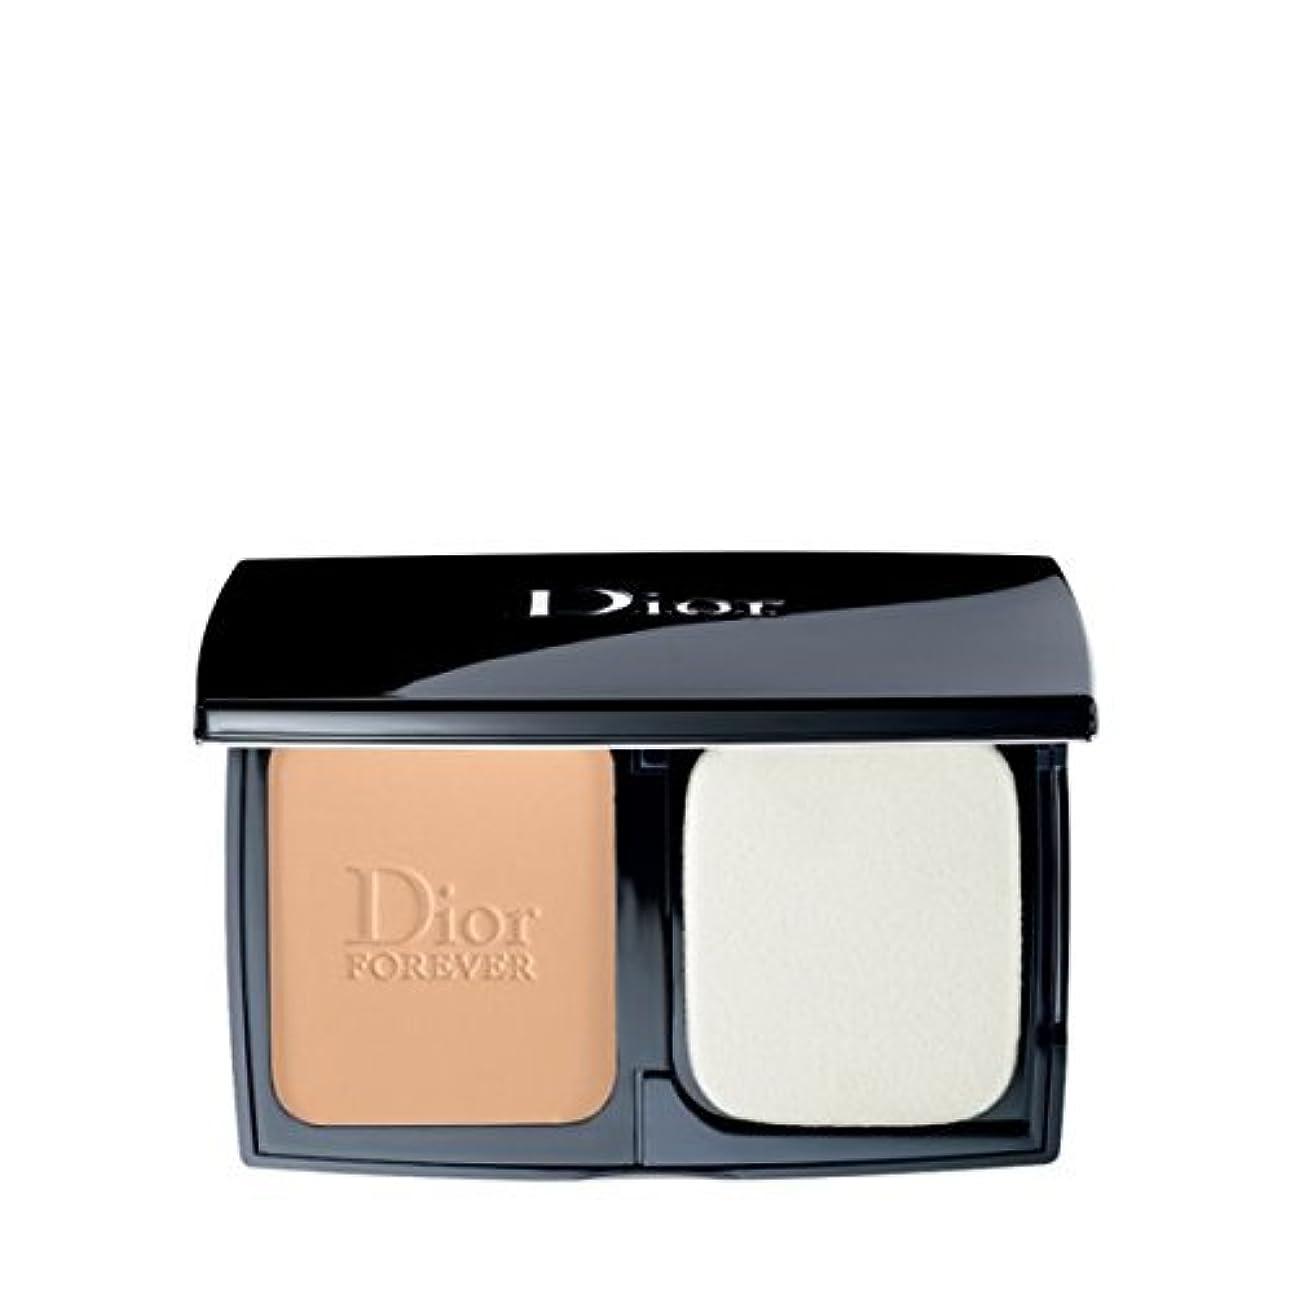 南極ファンシー雇用者Dior(ディオール) ディオールスキン フォーエヴァー コンパクト エクストレム コントロール (#020:ライト ベージュ)